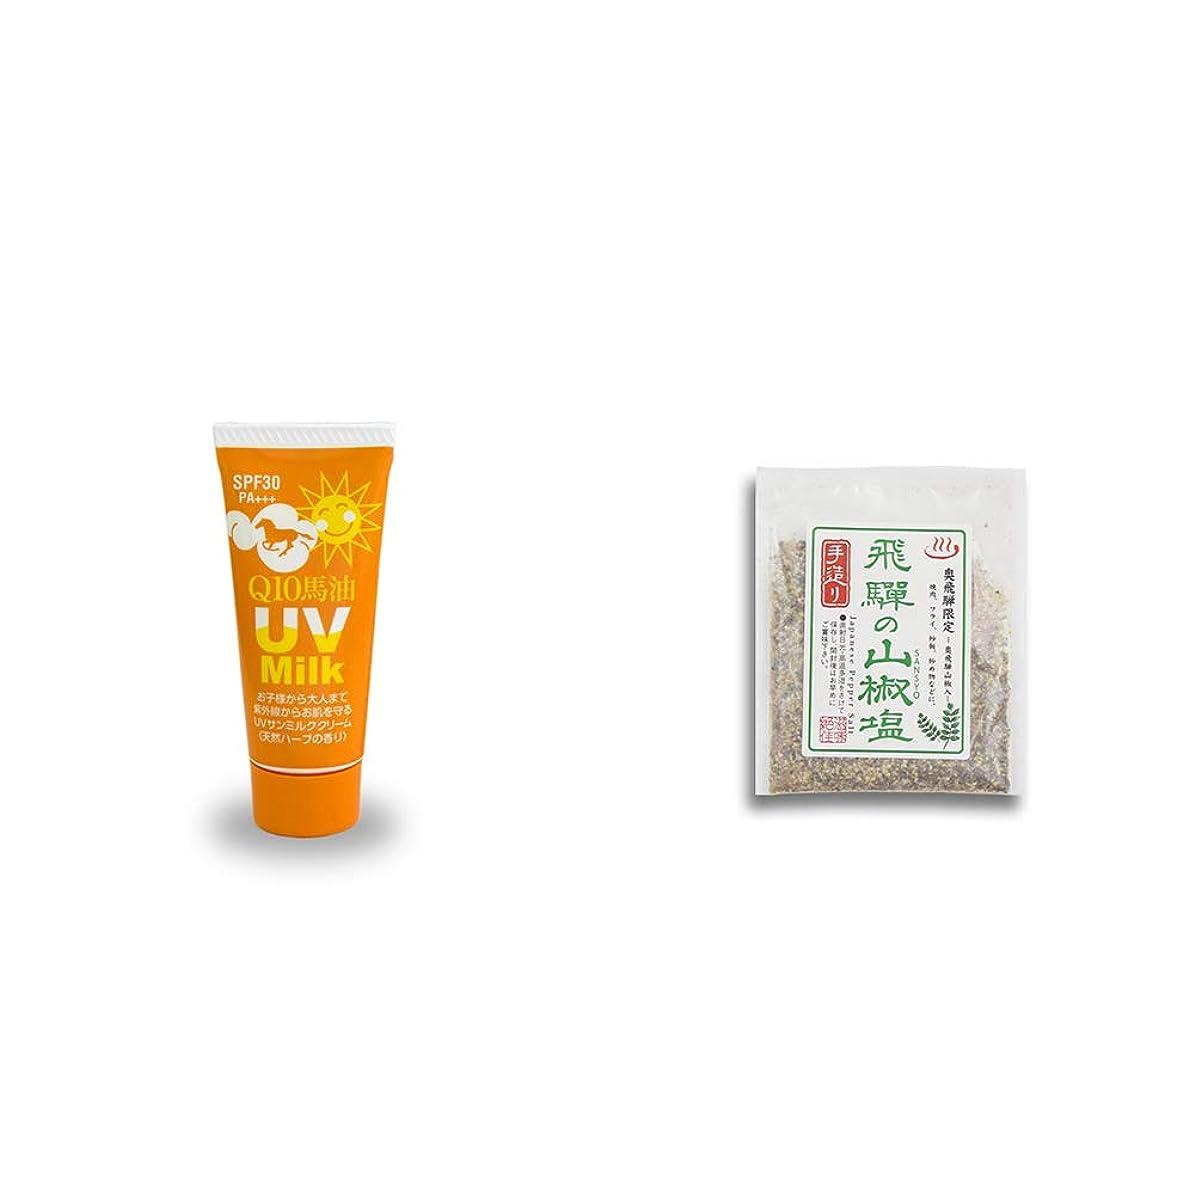 区別誇張気分[2点セット] 炭黒泉 Q10馬油 UVサンミルク[天然ハーブ](40g)?手造り 飛騨の山椒塩(40g)